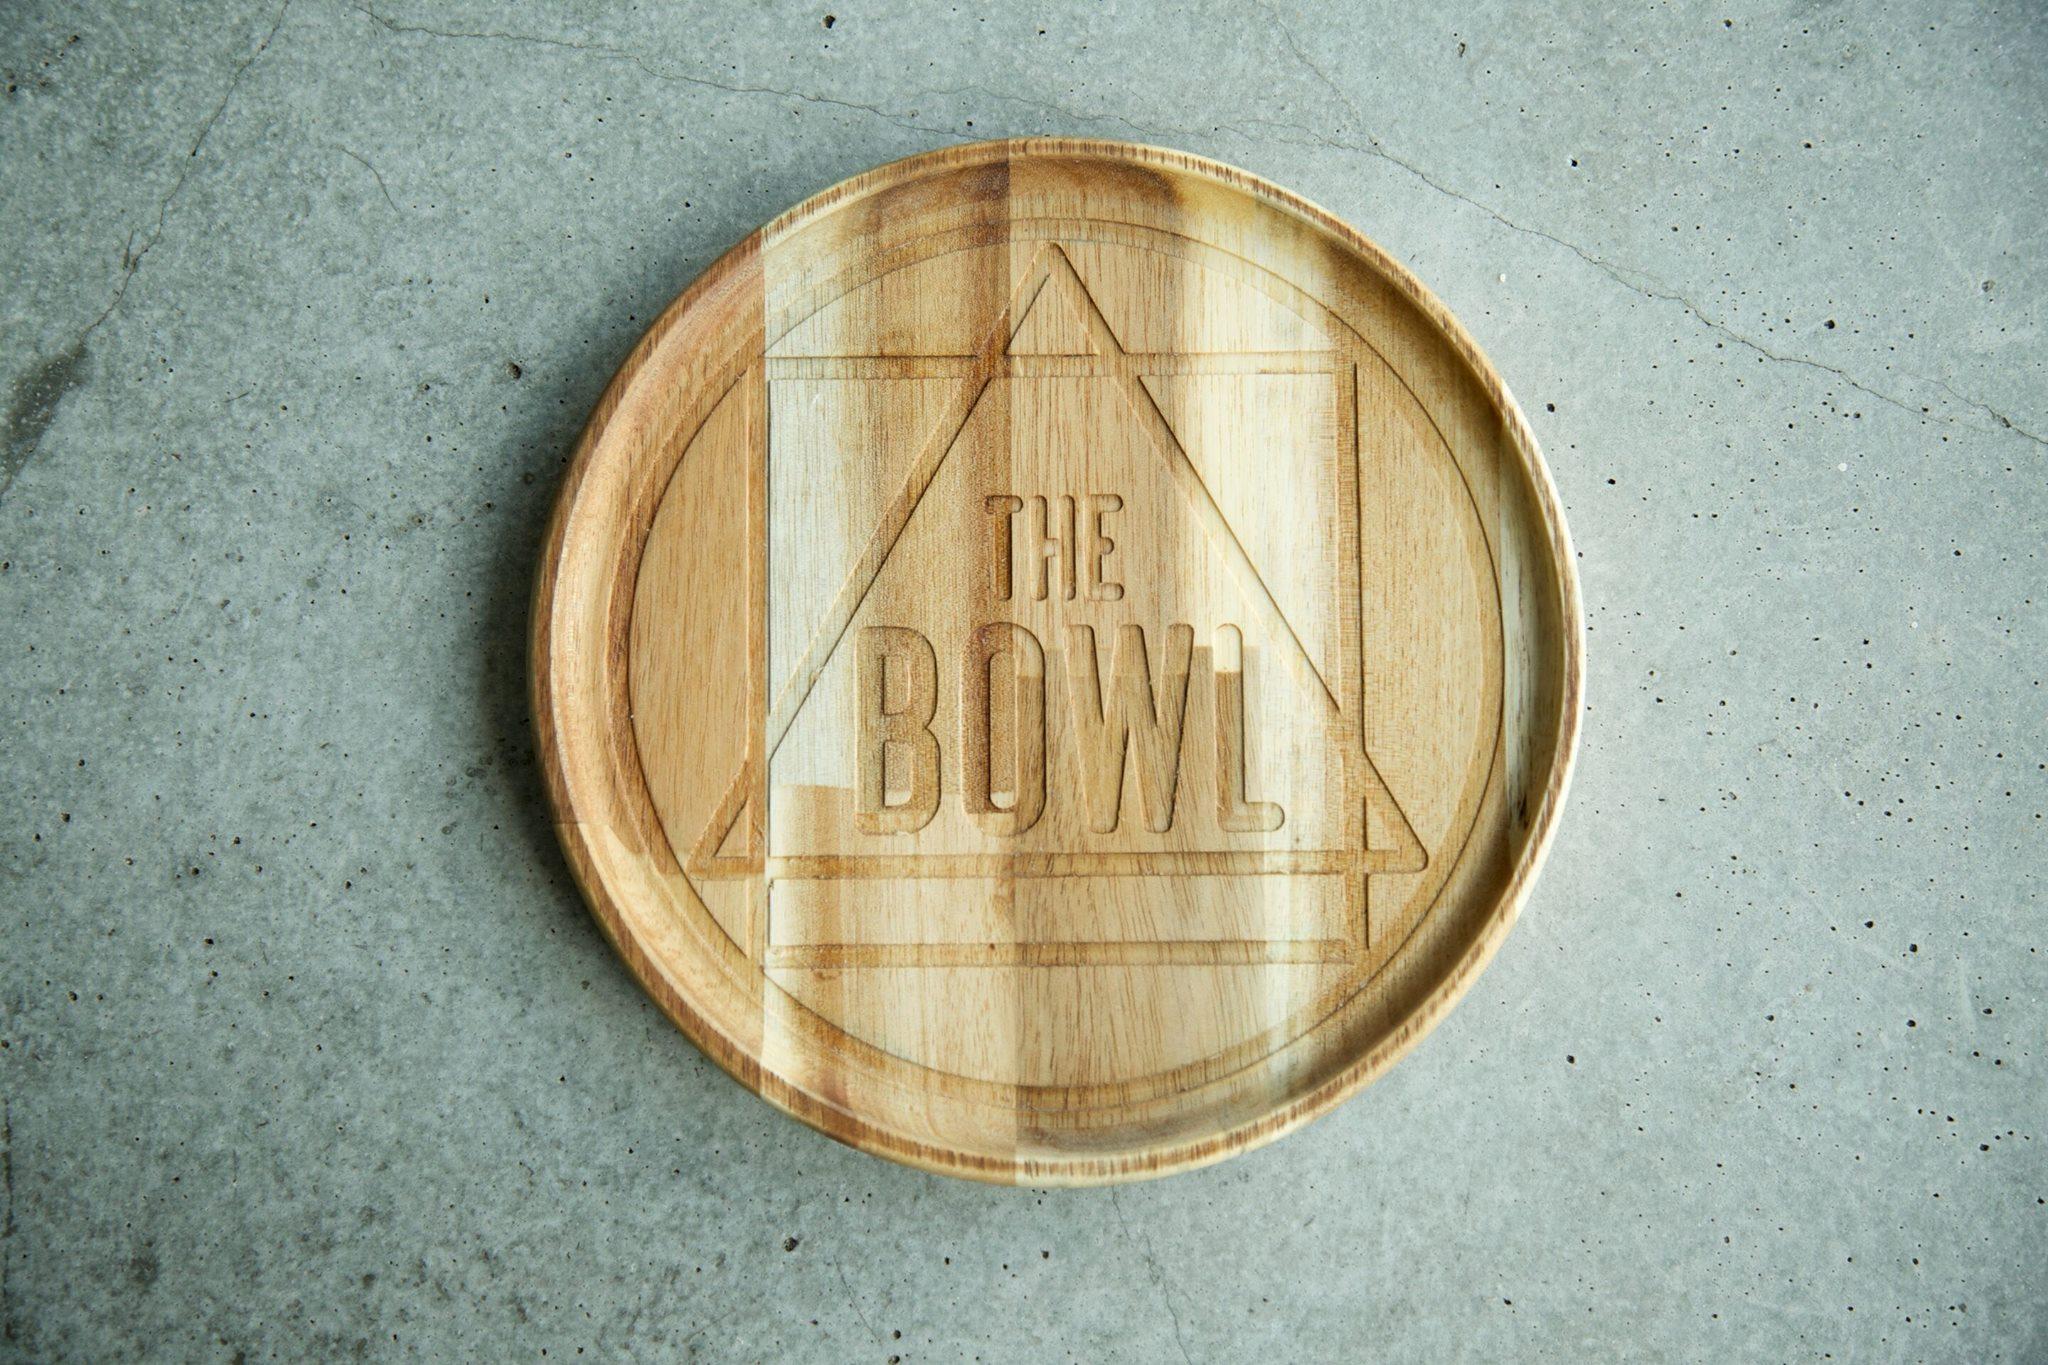 The_Bowl_Berlin5.jpg